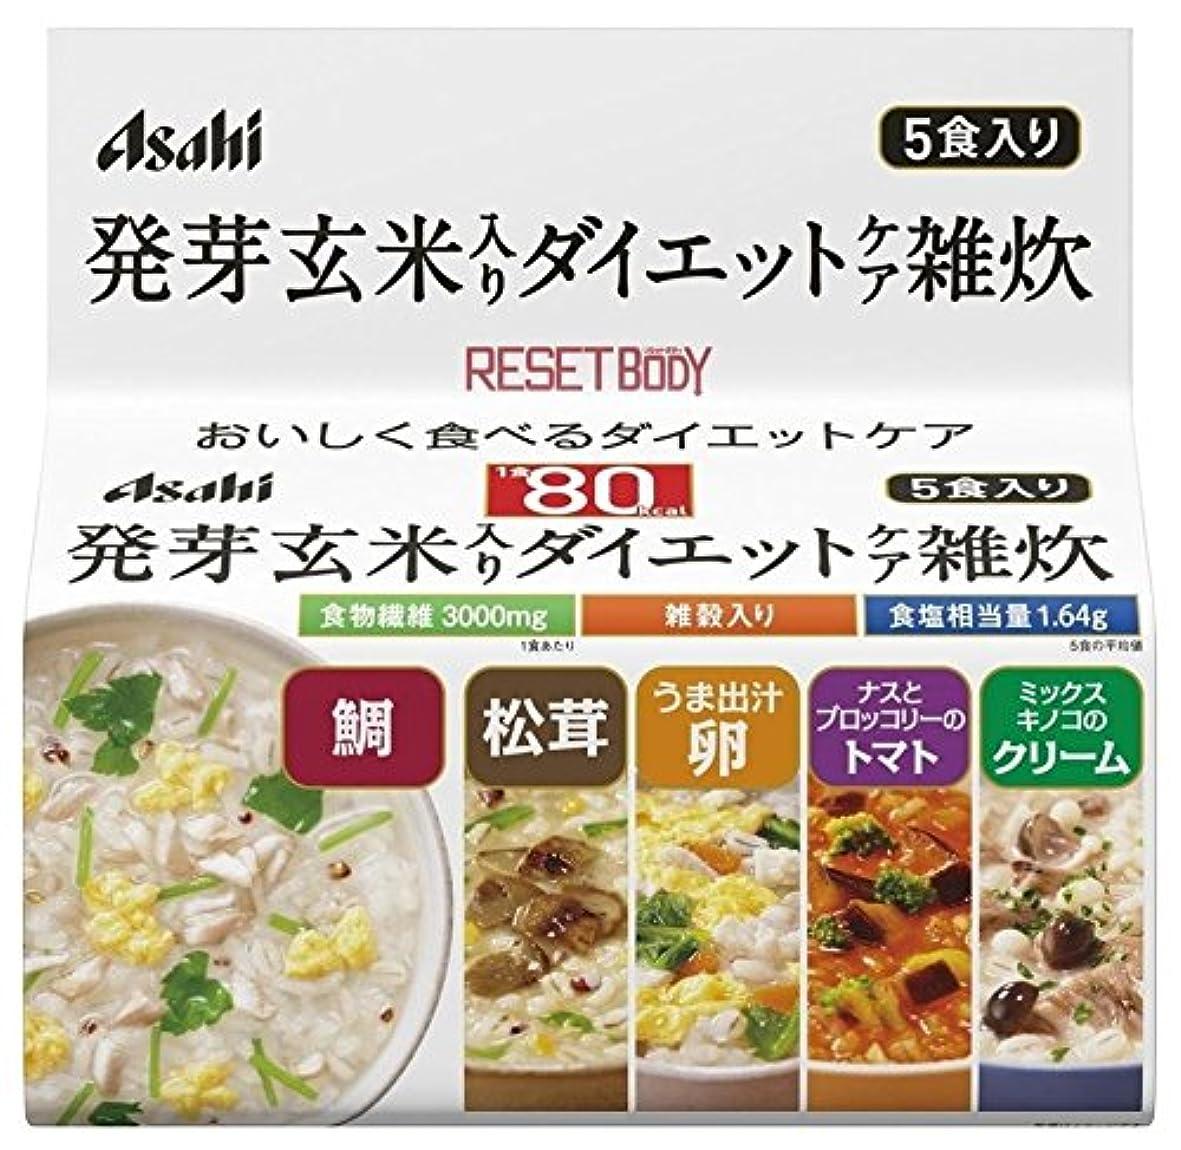 製作ありがたい演劇アサヒグループ食品 リセットボディ 発芽玄米入りダイエットケア雑炊 5食